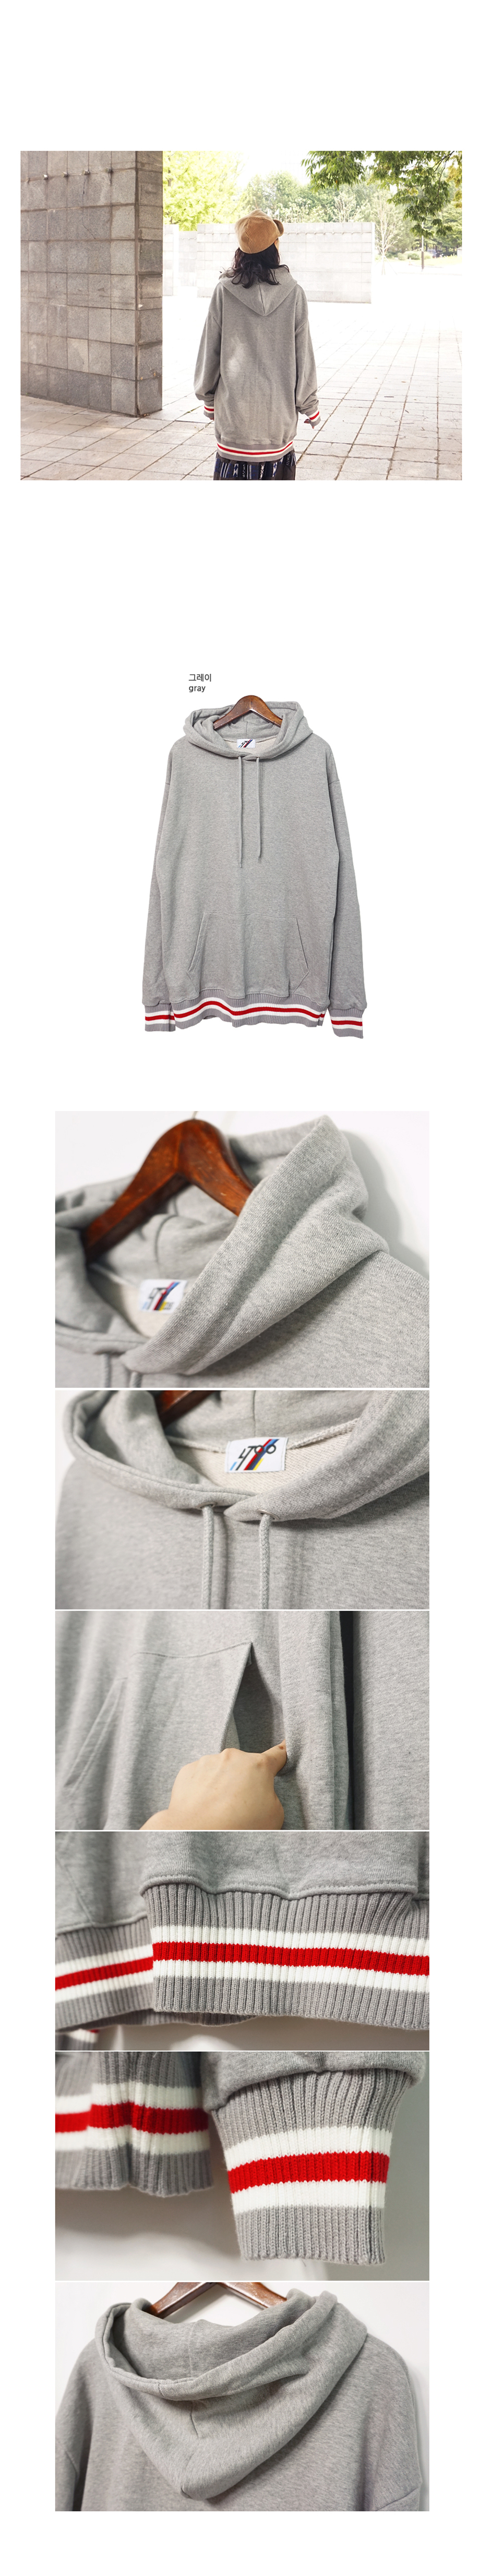 박시 소매배색 코튼롱후드맨투맨티셔츠 - 앞머리, 39,900원, 상의, 맨투맨/후드티